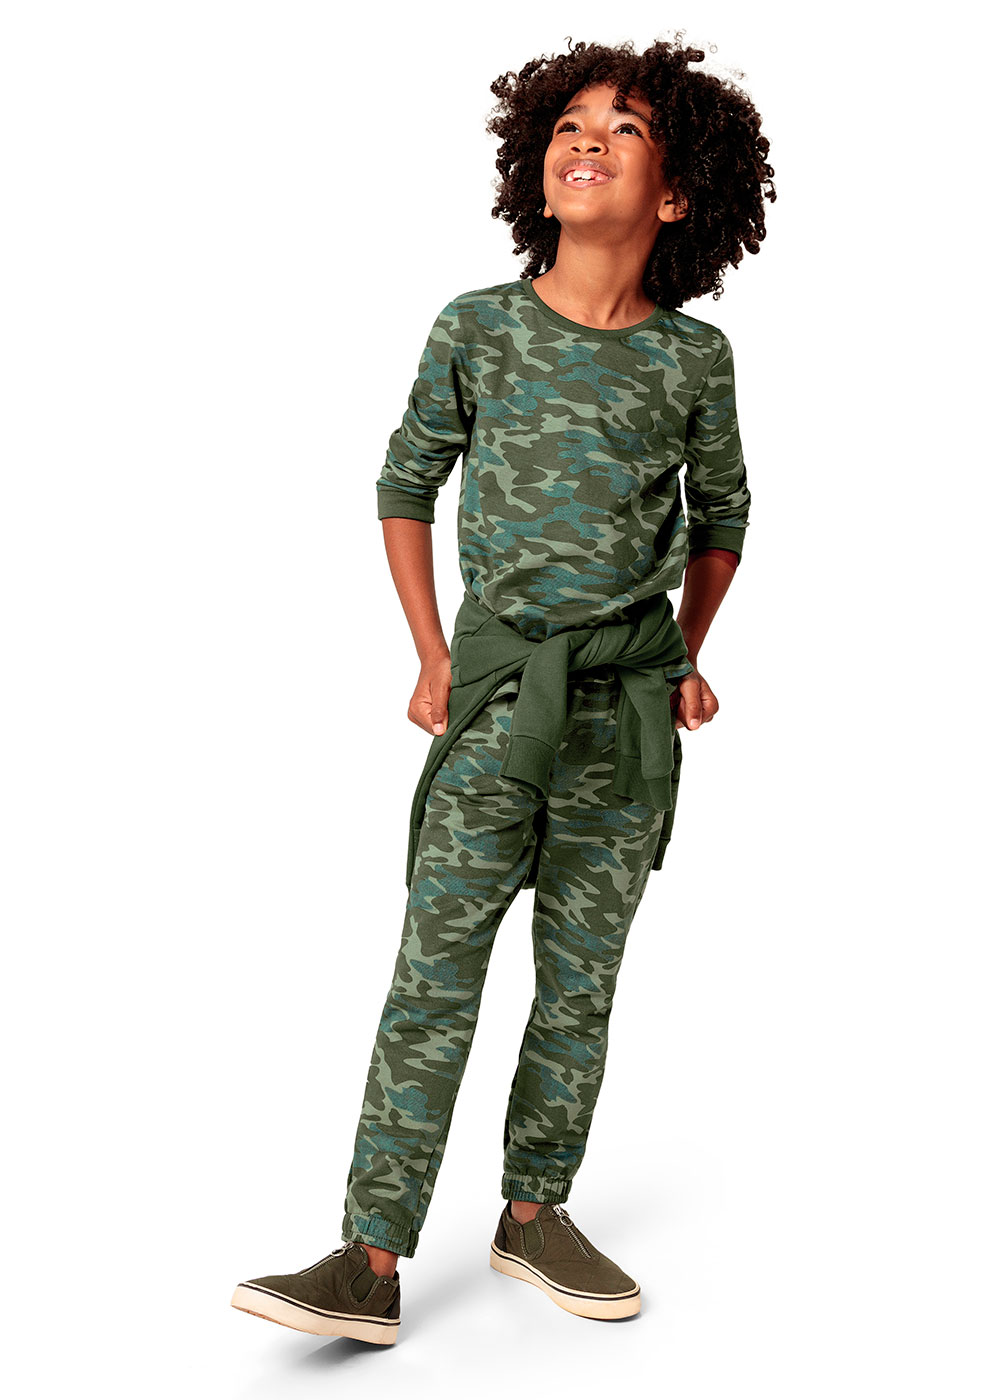 Calça de Moletom Infantil Masculina Verde Camuflada - Malwee